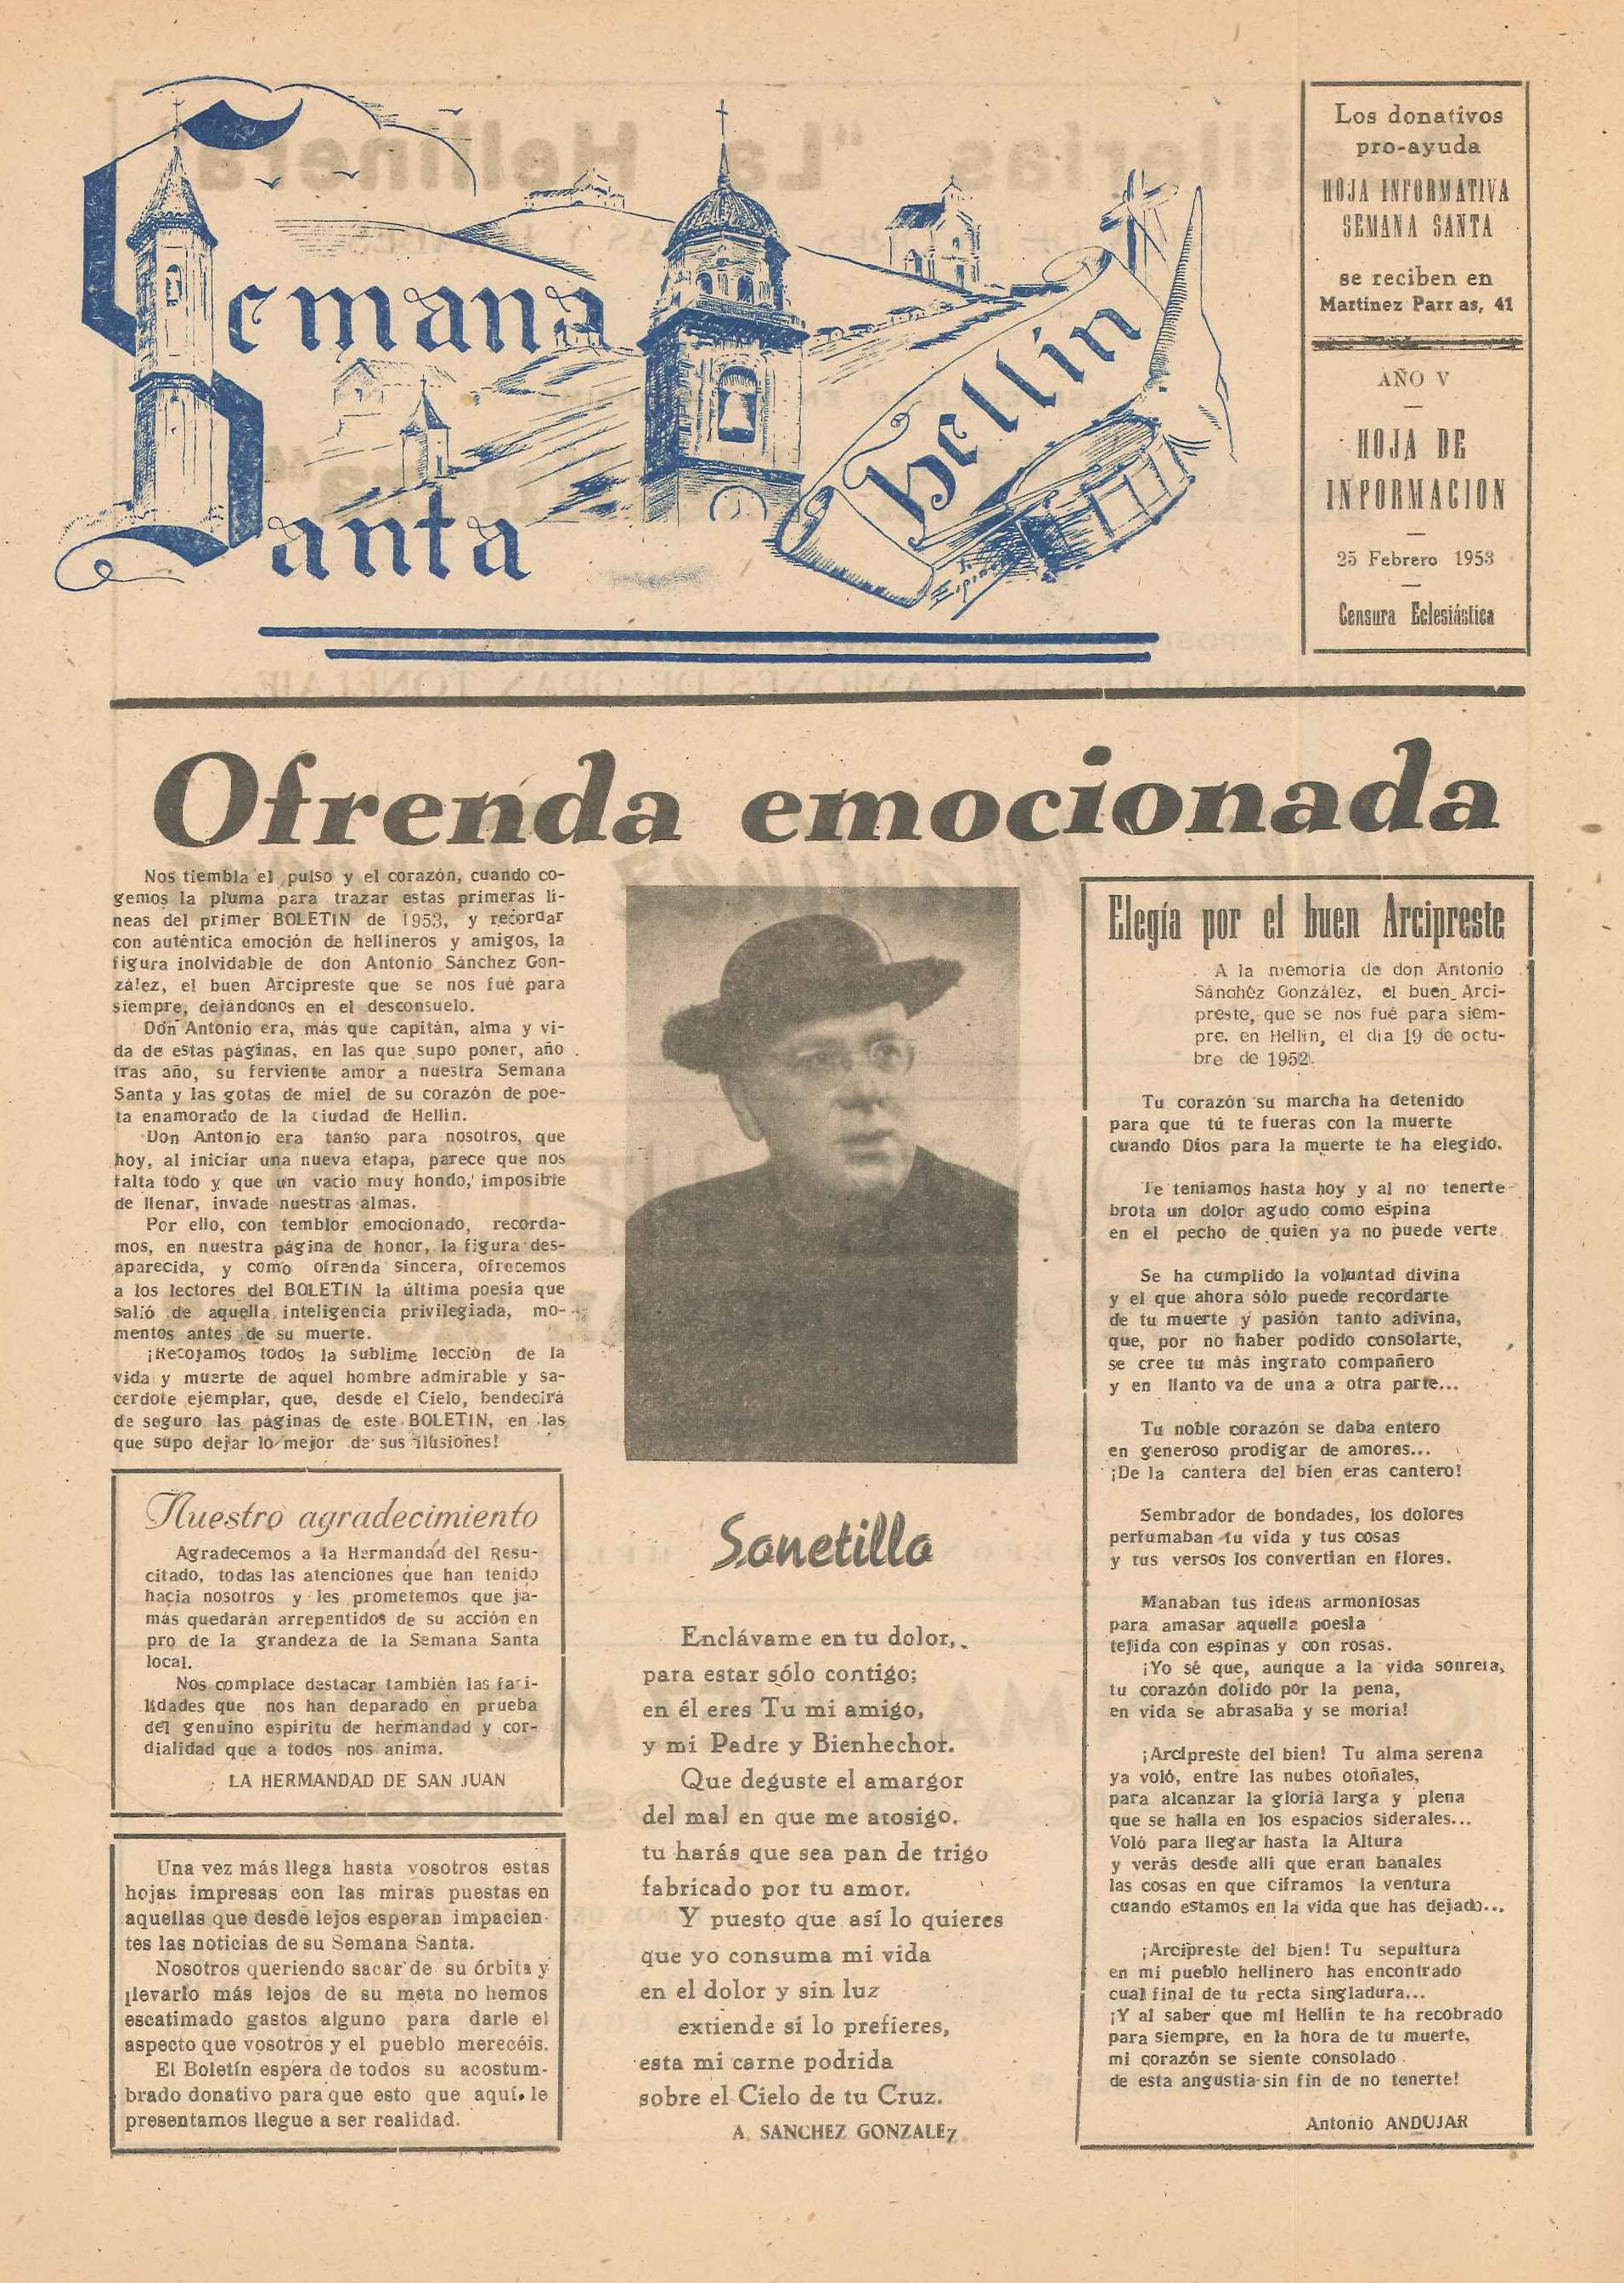 Semana Santa Hellín - Hoja de información - 1953 - n1